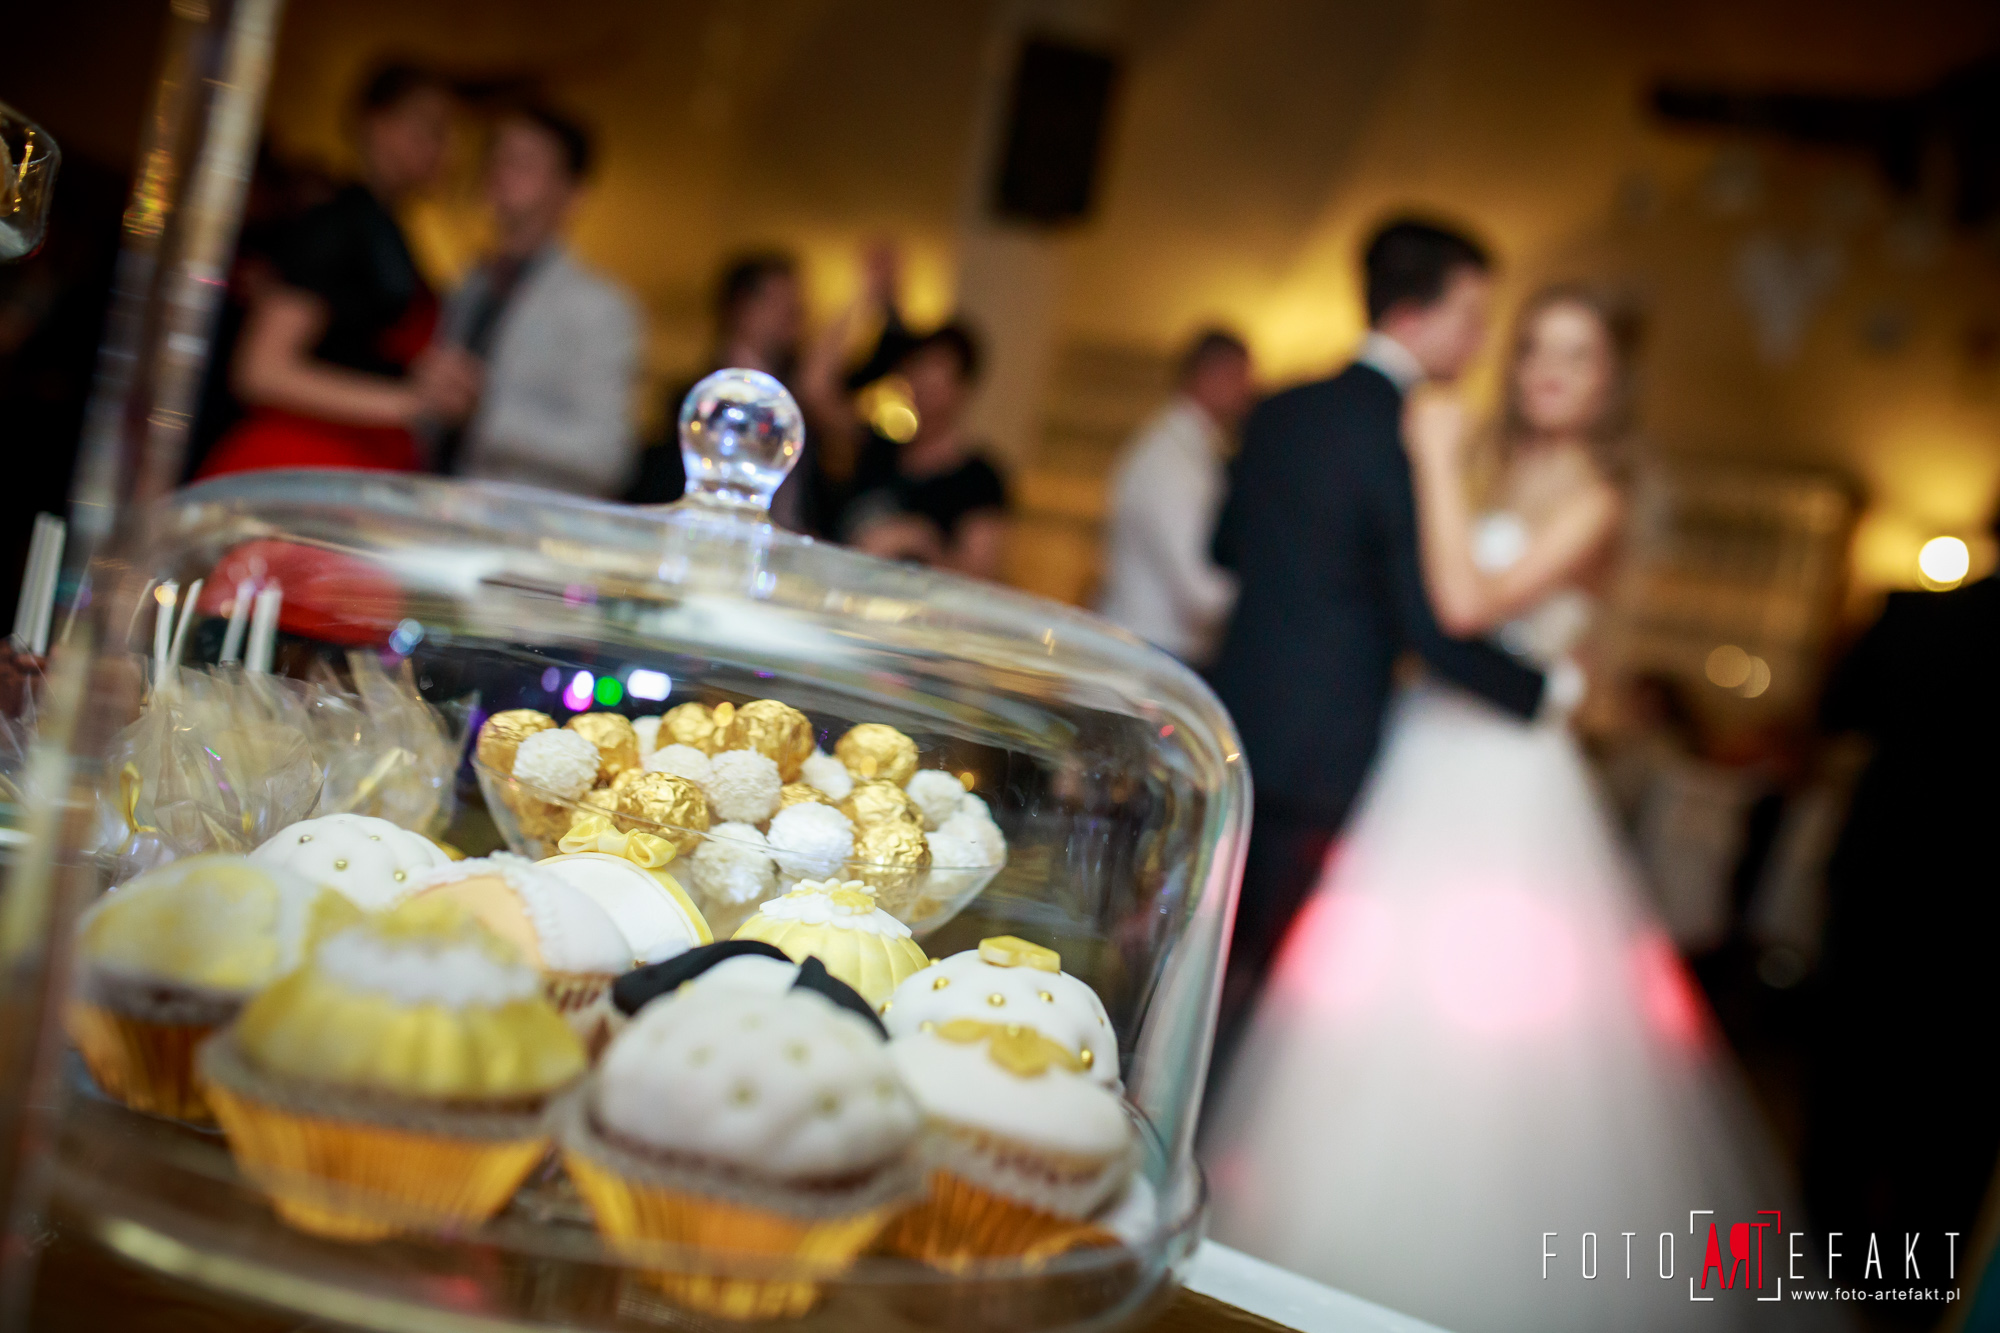 Słodki Kącik złoto, słodki stół, słodki bufet, candy bar, tort weselny, ciasto wesele, ślub, pavlova, ciasteczka, słodycze, lizaki, buteleczki, cakepop, cupcake,  rafaello (2)